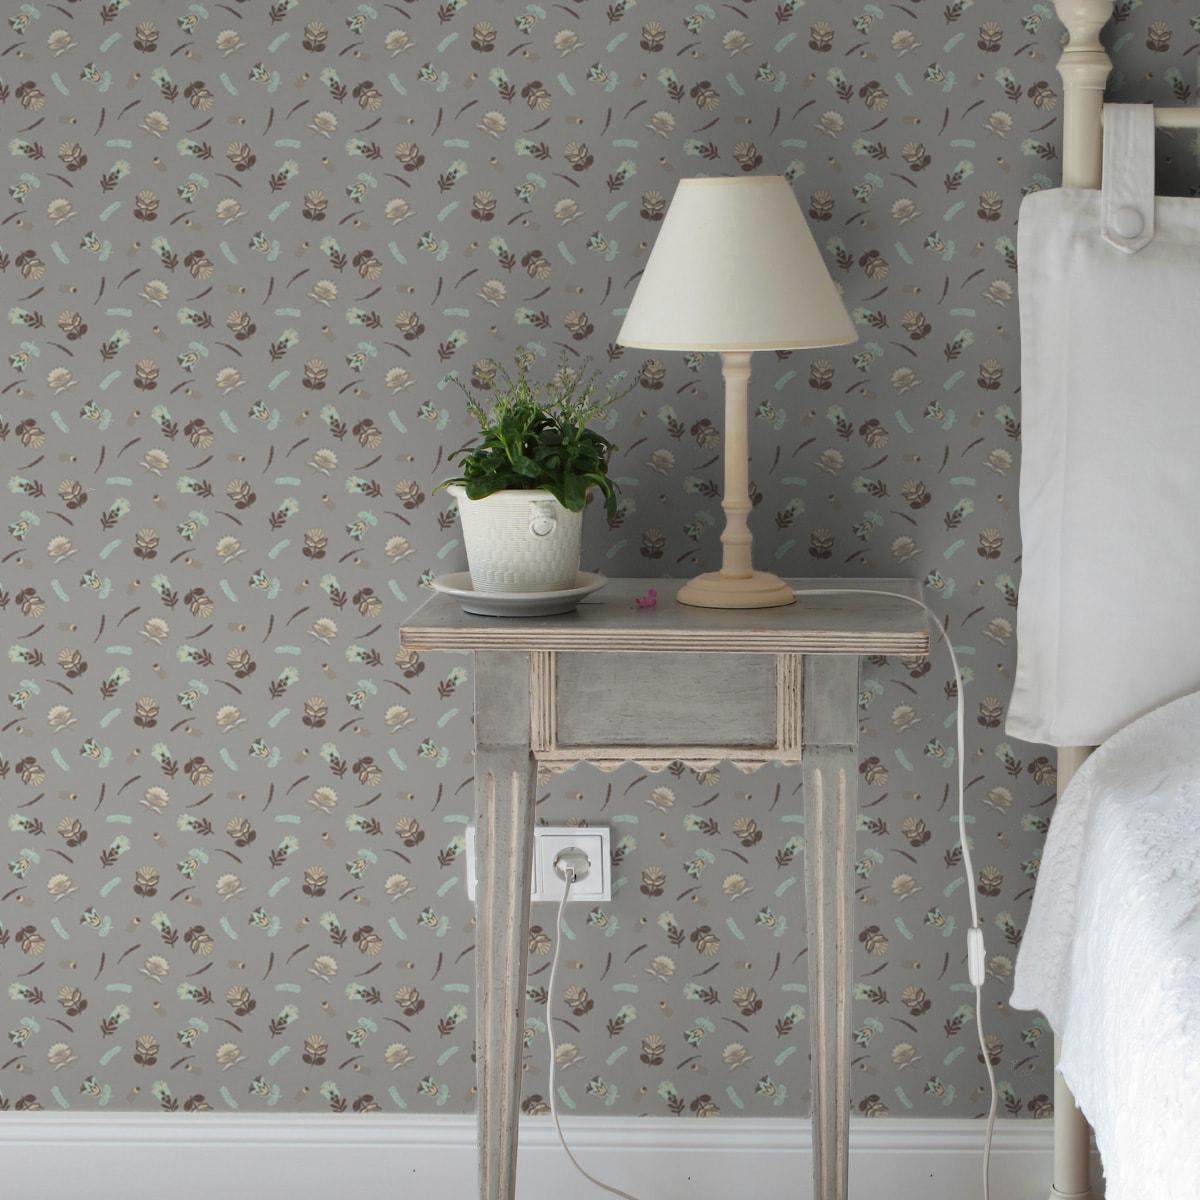 Tapete für Büroräume braun: Braune Streublümchen Tapete mit kleinen Blüten, Vlies Tapete Blumen, folklore Blumentapete für Flur, Büro